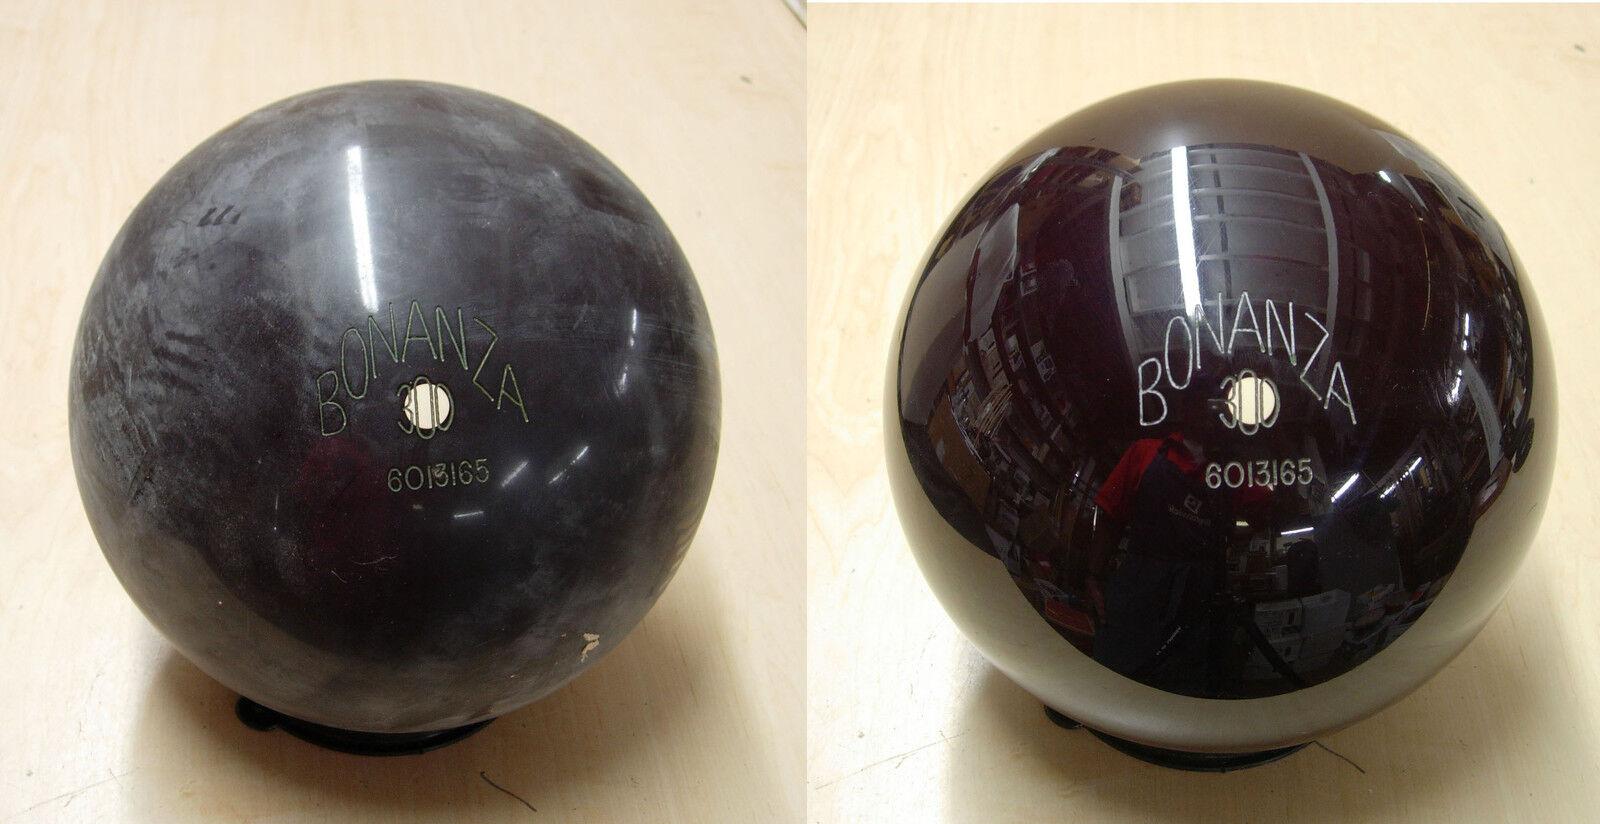 = 16O13165 IOriginal TEXAS Columbia 1976 BONANZA WD White Dot, color Unknown